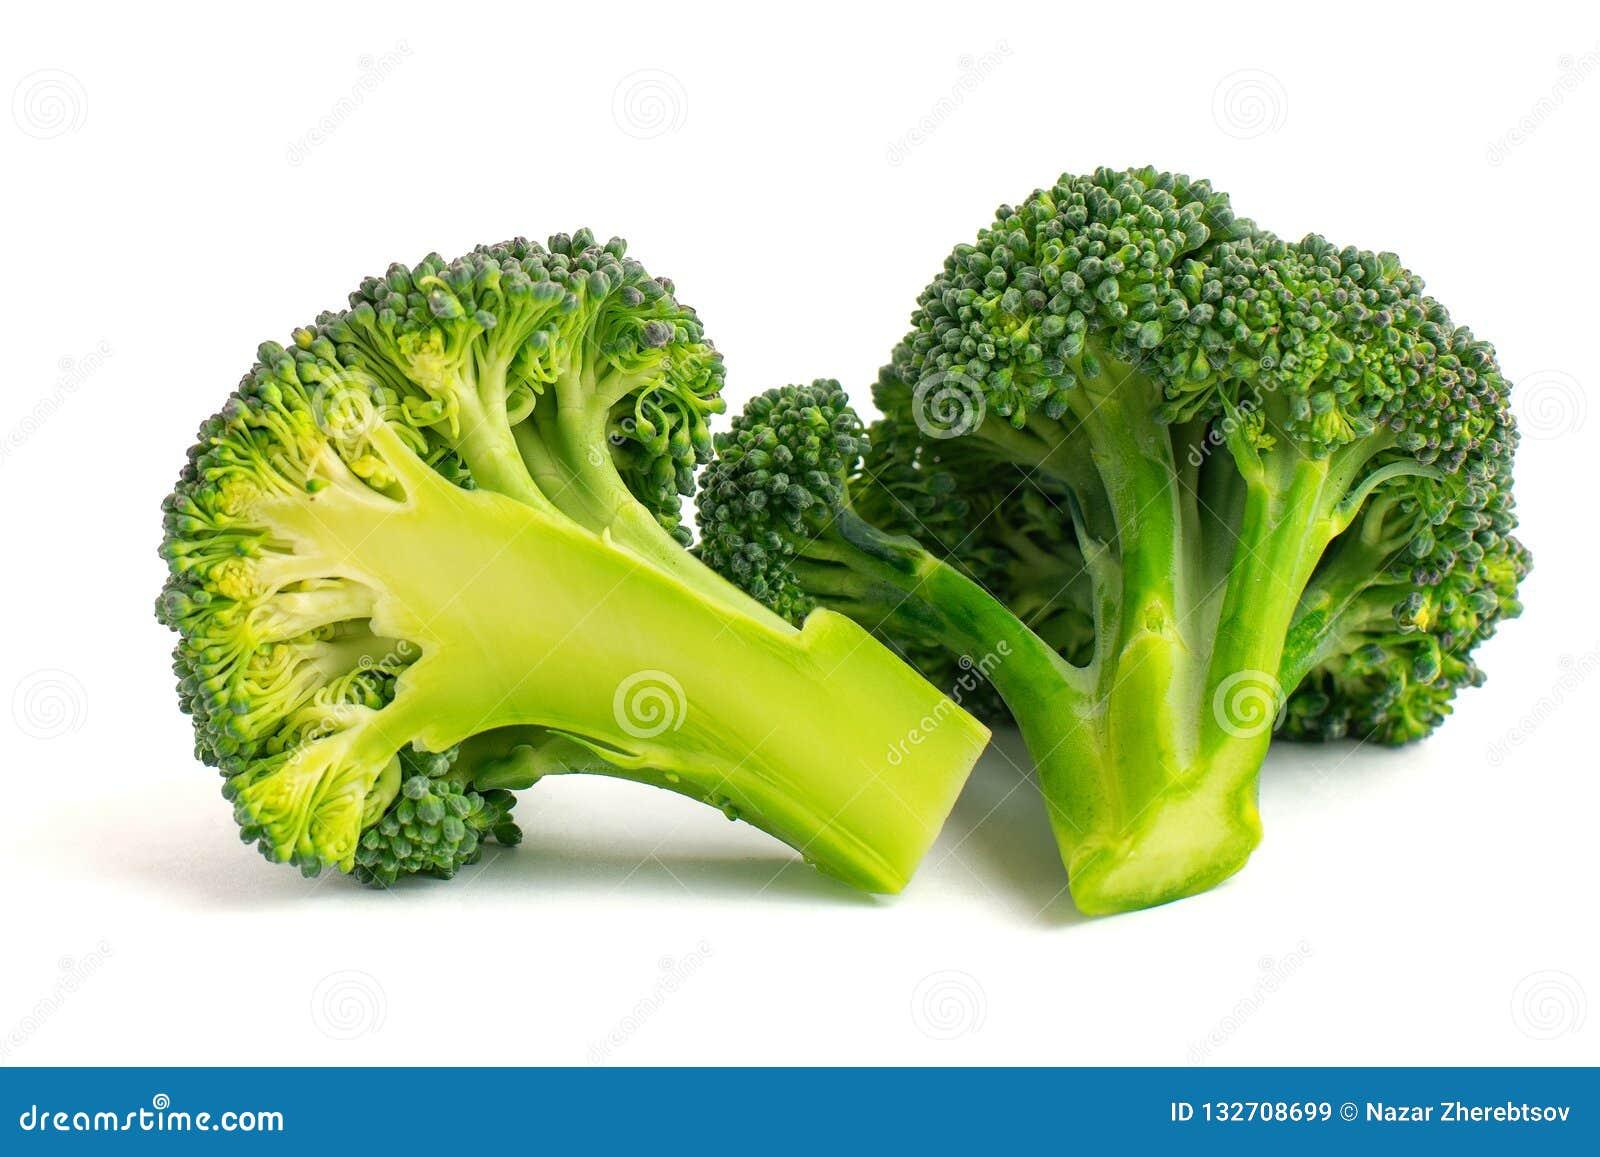 Ny grön broccoli som isoleras på vit bakgrund